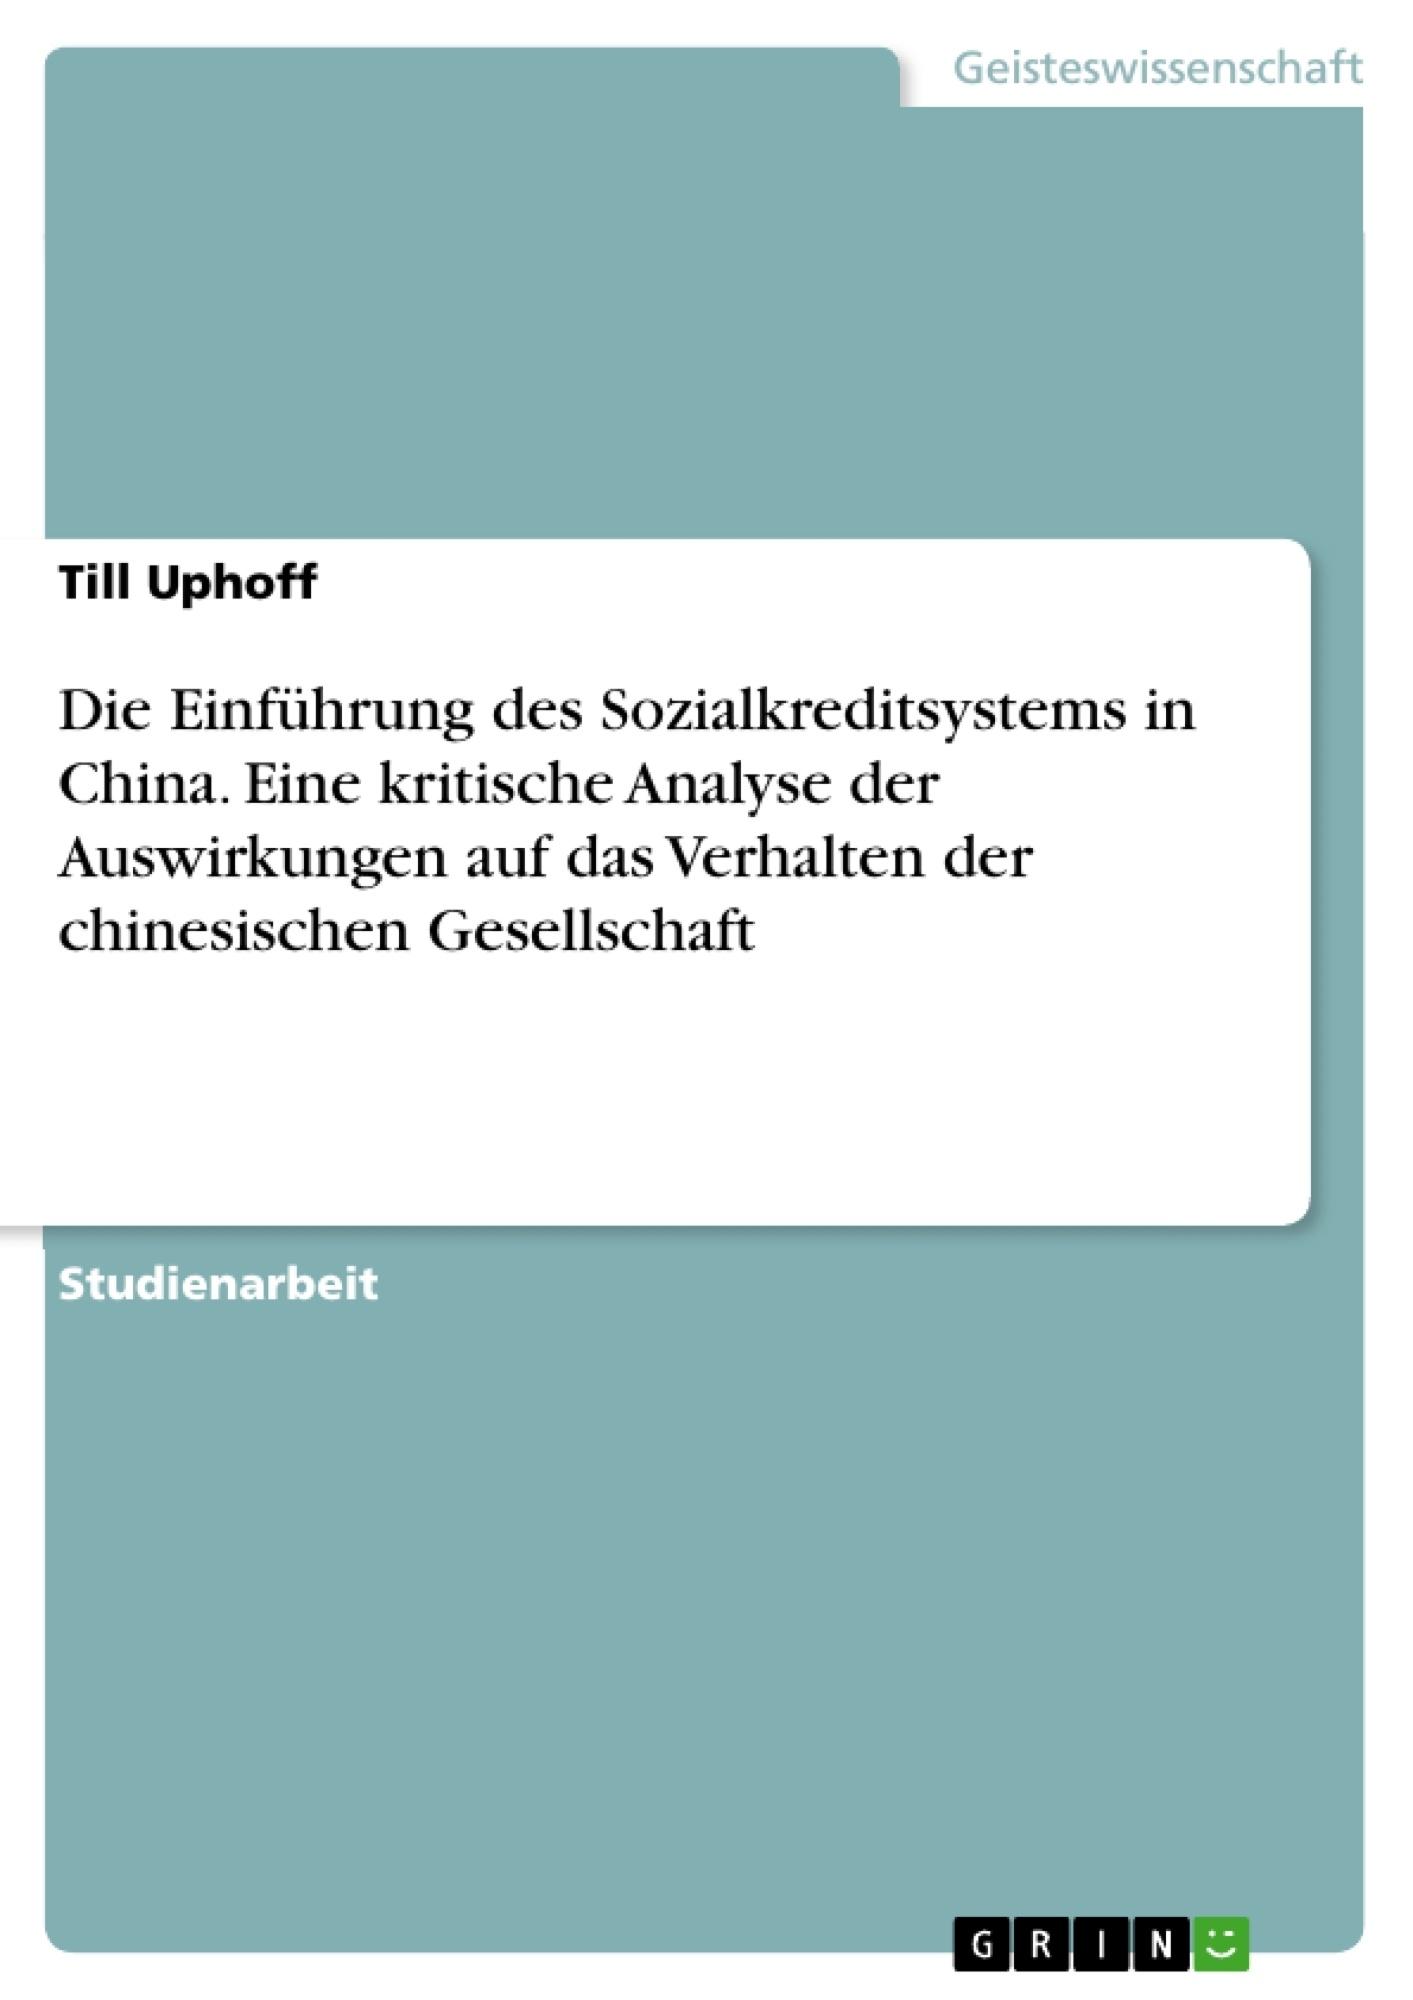 Titel: Die Einführung des Sozialkreditsystems in China. Eine kritische Analyse der Auswirkungen auf das Verhalten der chinesischen Gesellschaft